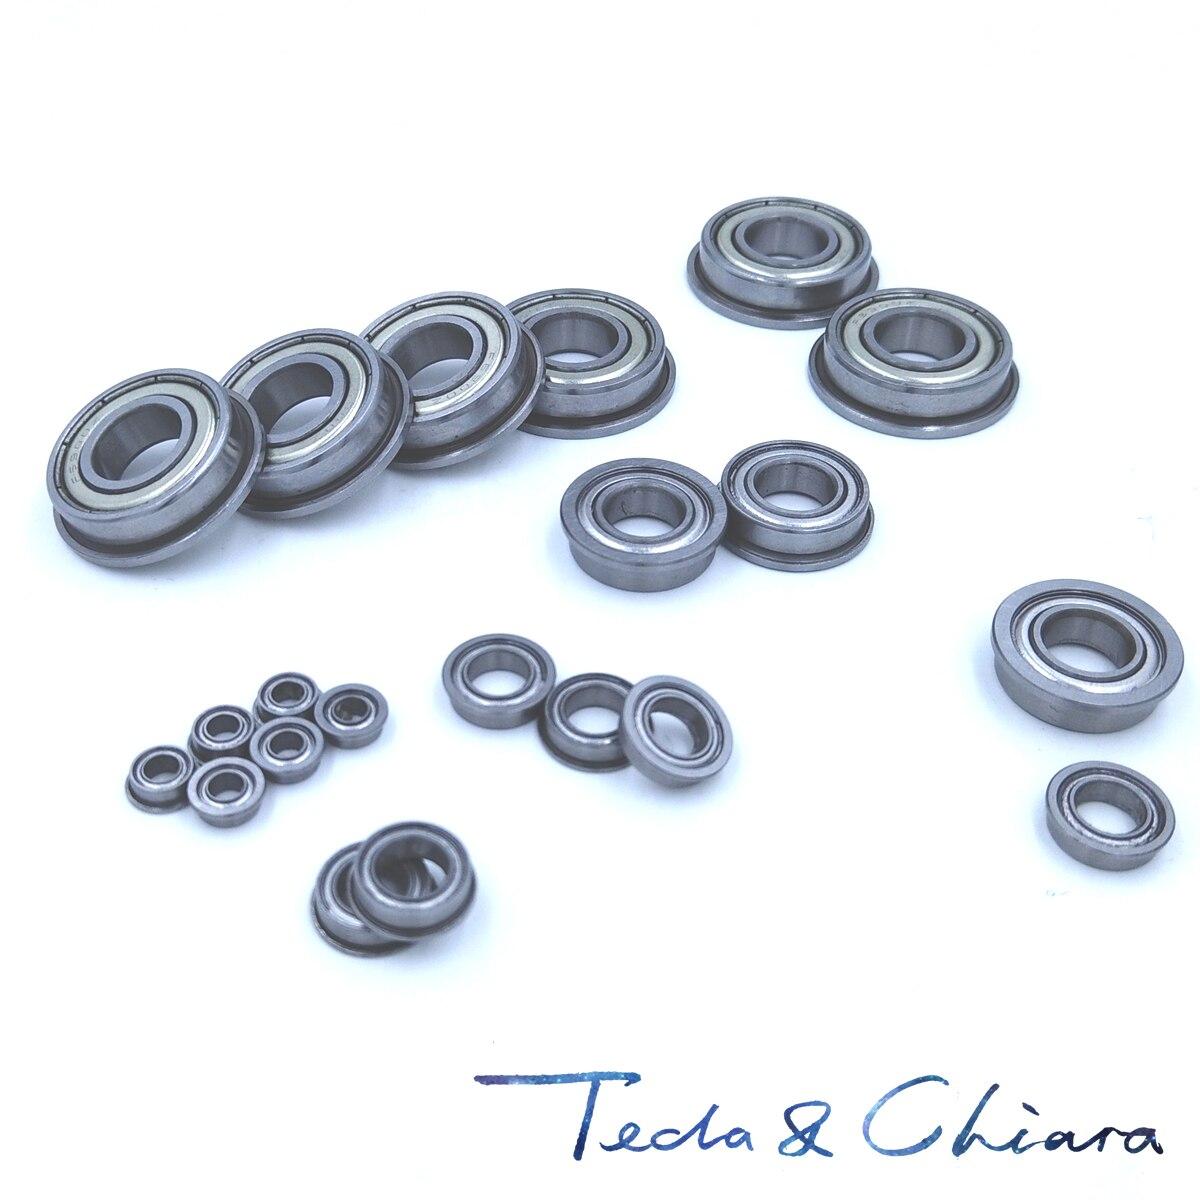 F682X F682X-ZZ F682XZZ F682X-2Z F682XZ Zz Z 2z Flanged Flange Ball Bearings 2.5 X 6 X 2.6mm